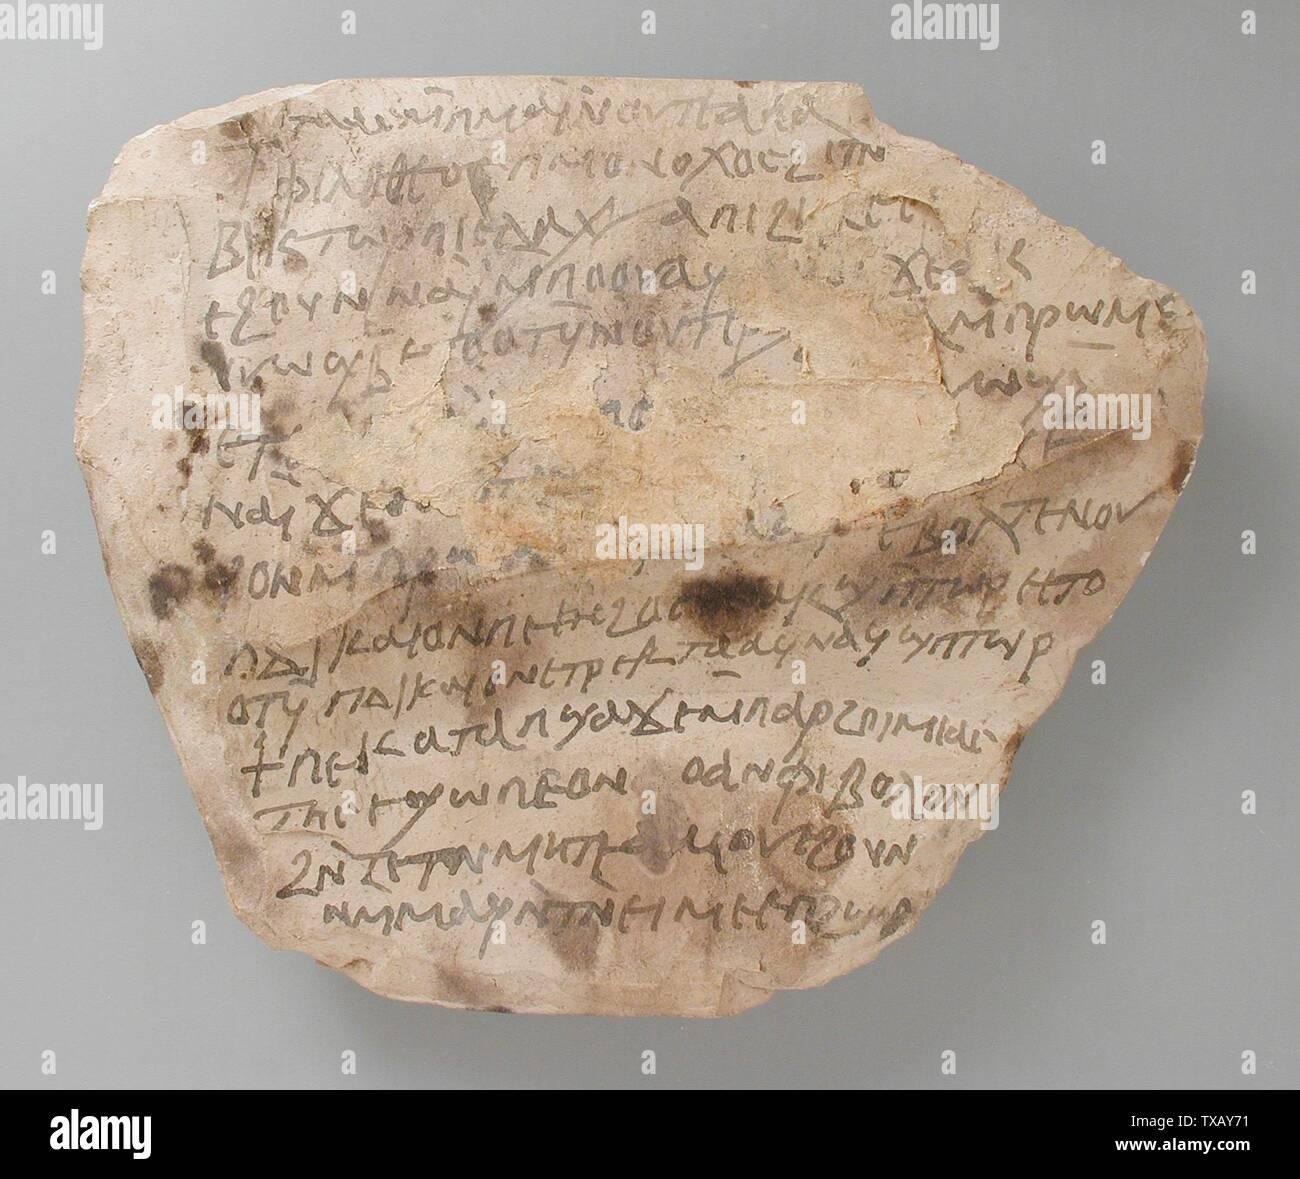 Avec l'inscription 'Ostracon copte; Anglais: Egypte, période copte (500 - 1000 Ce matériel et d'outils); Don de calcaire ostraka Carl W. Thomas (M.80.203.221) L'art égyptien; période copte (500 - 1000); ' Photo Stock